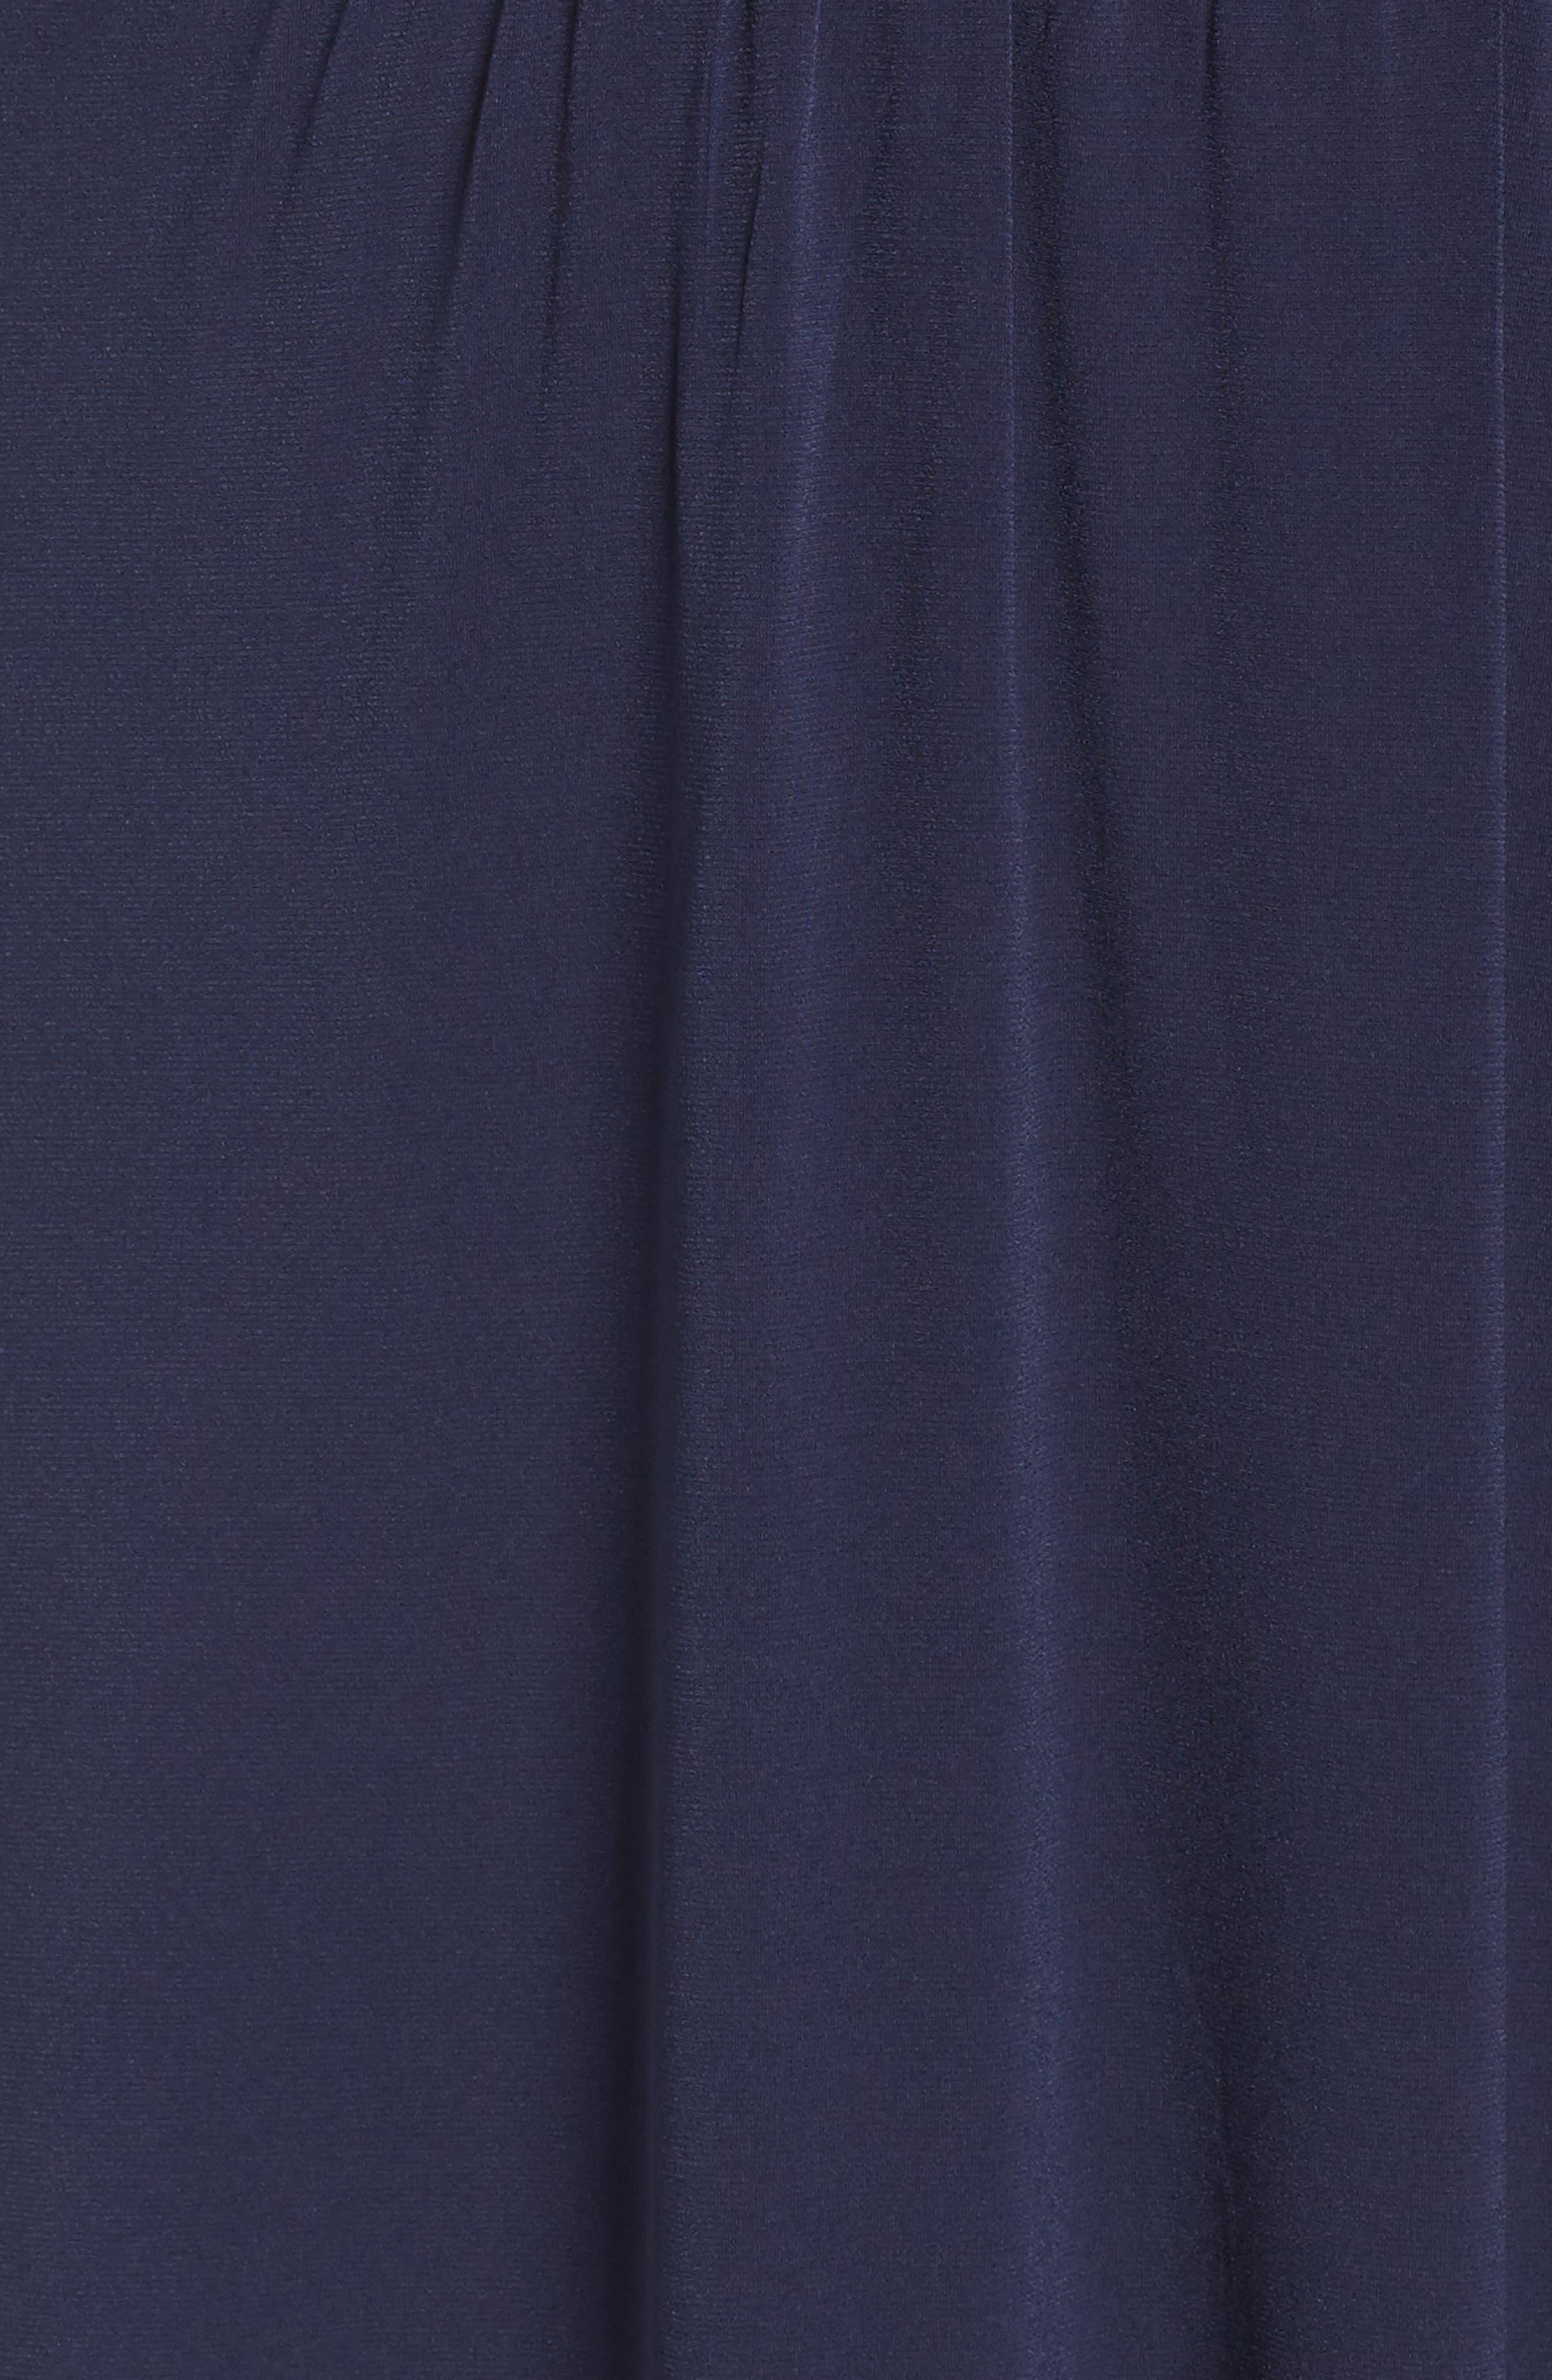 Slit Faux Wrap Maxi Dress,                             Alternate thumbnail 6, color,                             417